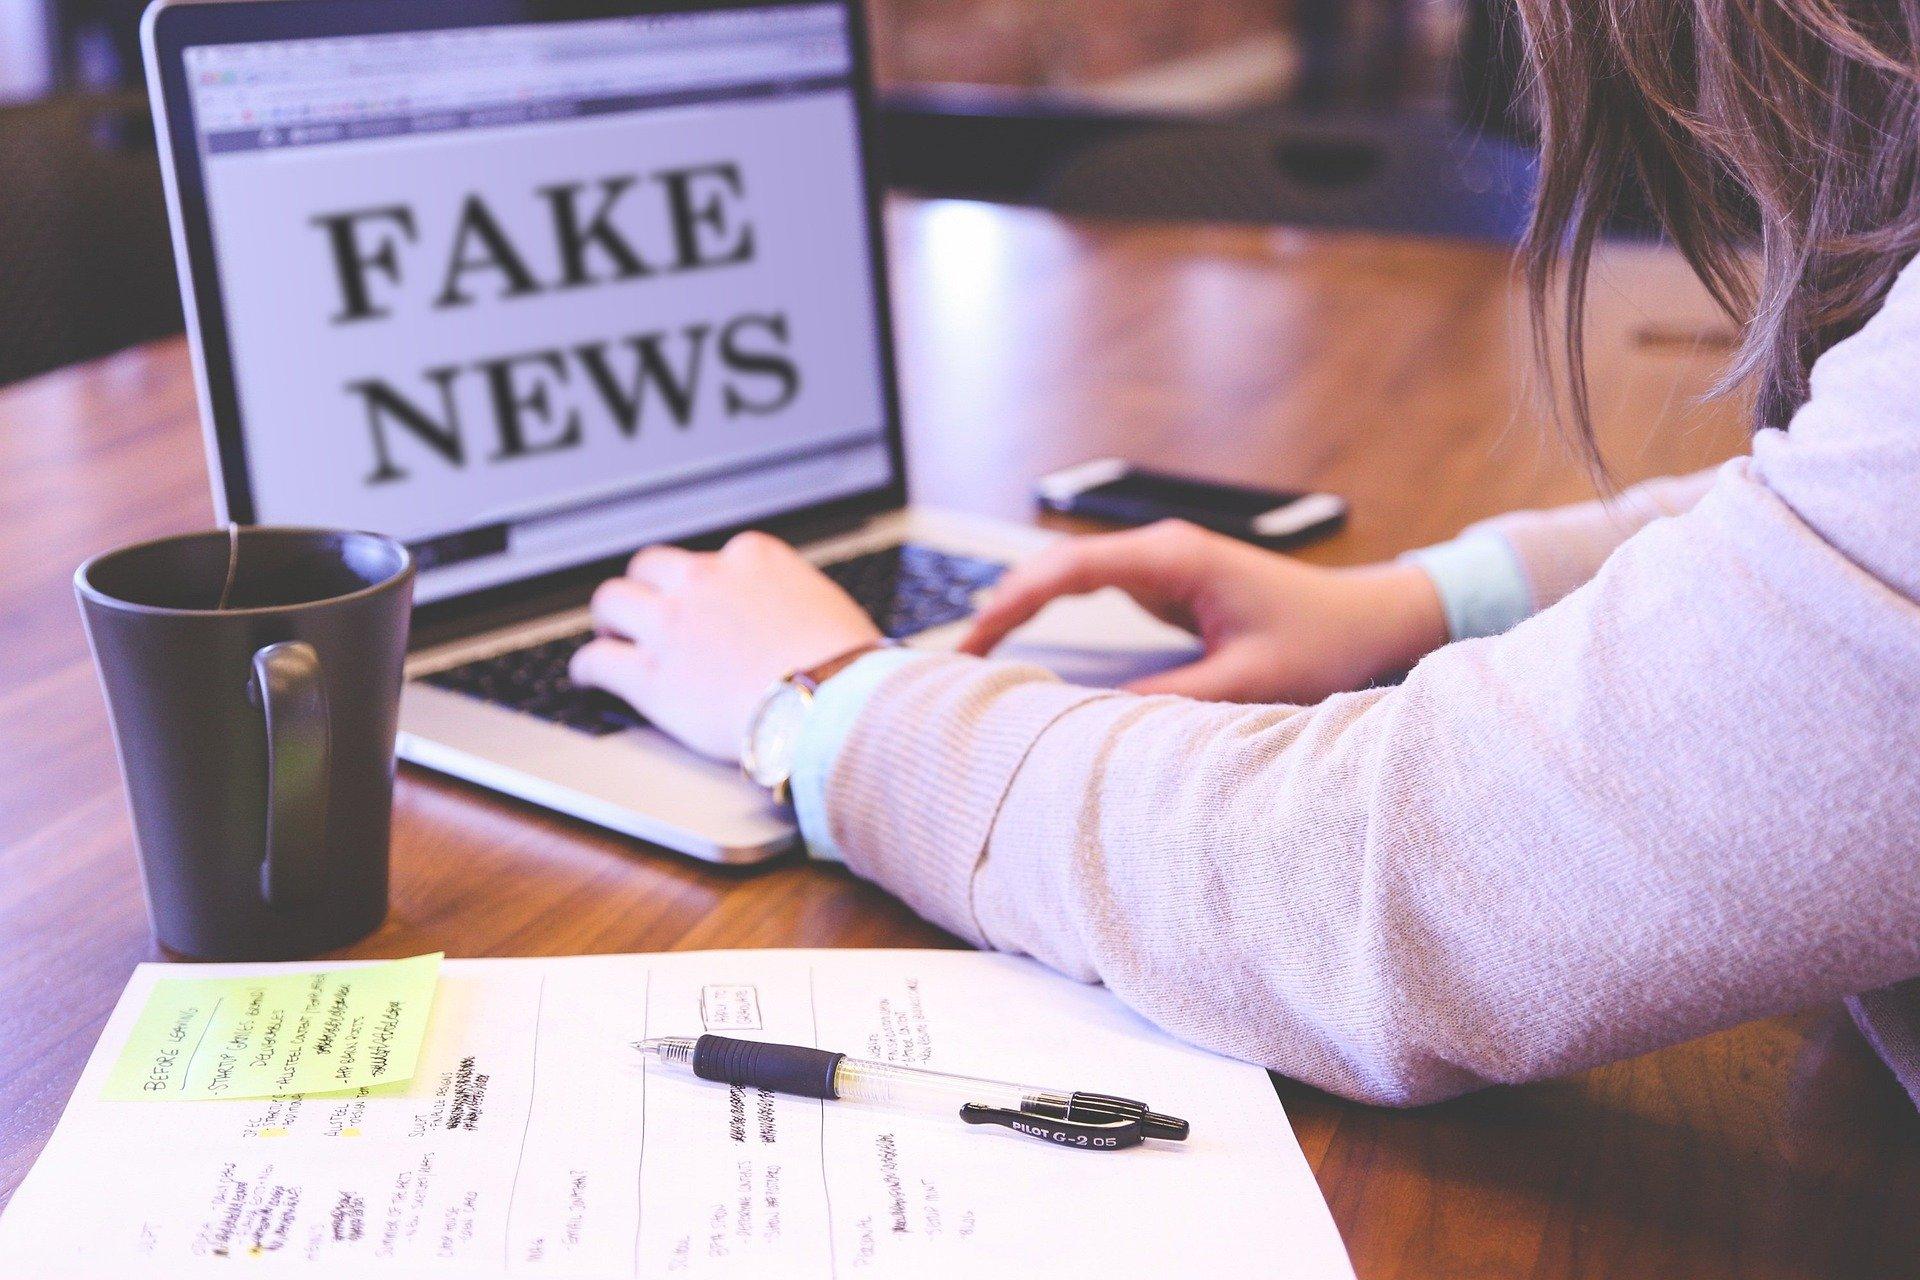 Fake News: perché ci crediamo? I 3 motivi   Piano Social